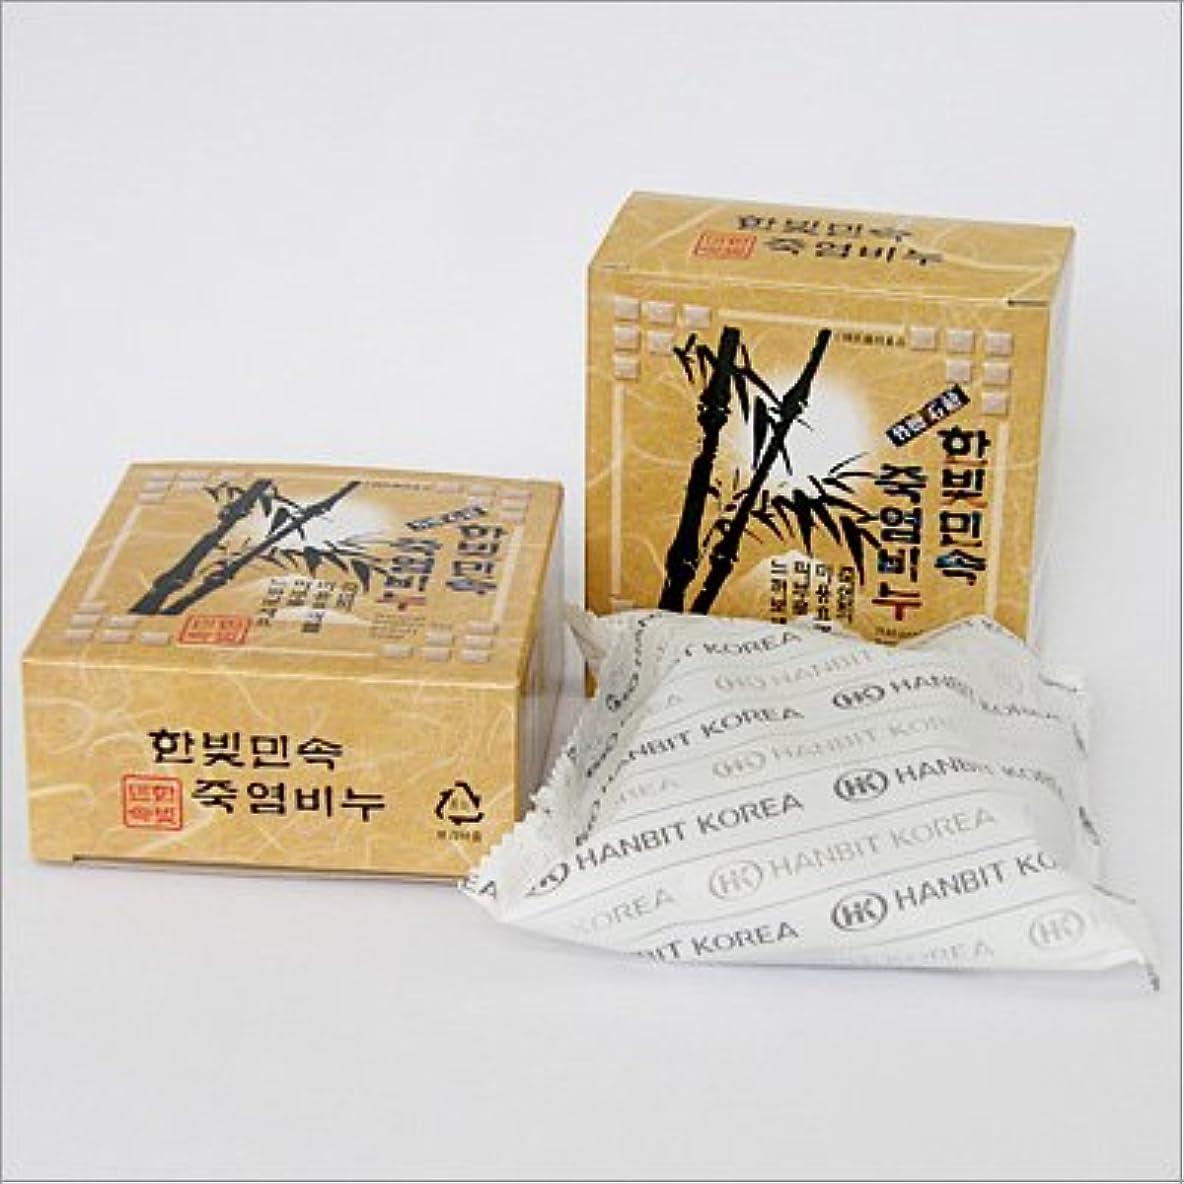 スチールデンプシーはず(韓国ブランド) 韓国直輸入』竹塩石鹸(3個×5セット)